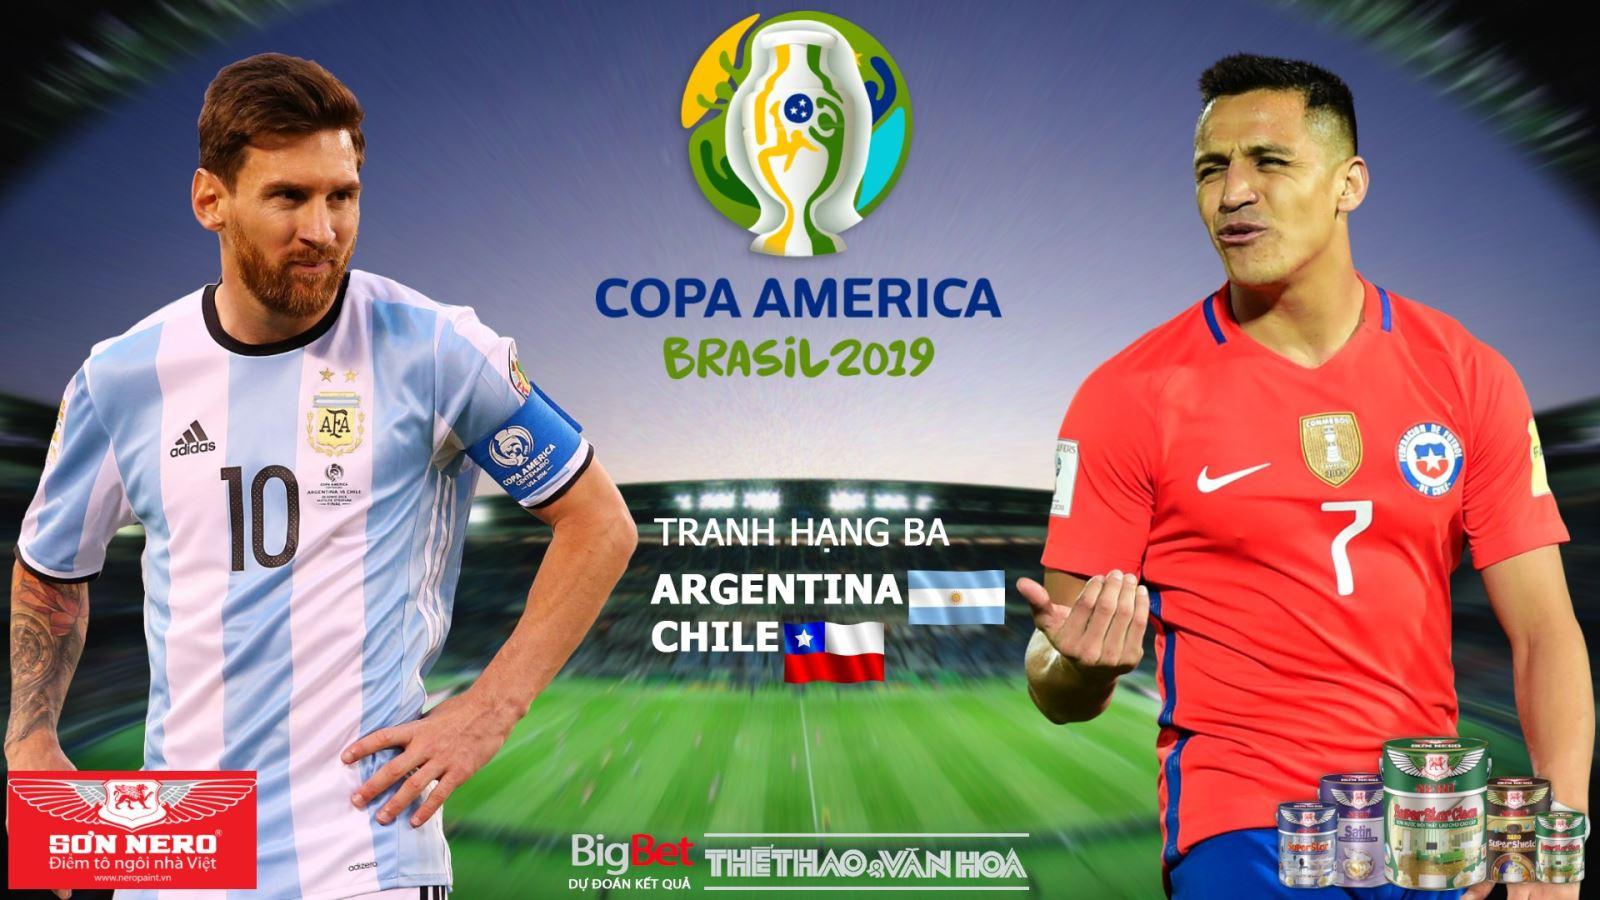 trực tiếp bóng đá hôm nay, Argentina đấu với Chile, truc tiep bong da, Argentina vs Chile, trực tiếp bóng đá, Copa America 2019, FPT Play, bóng đá, bong da, Copa 2019